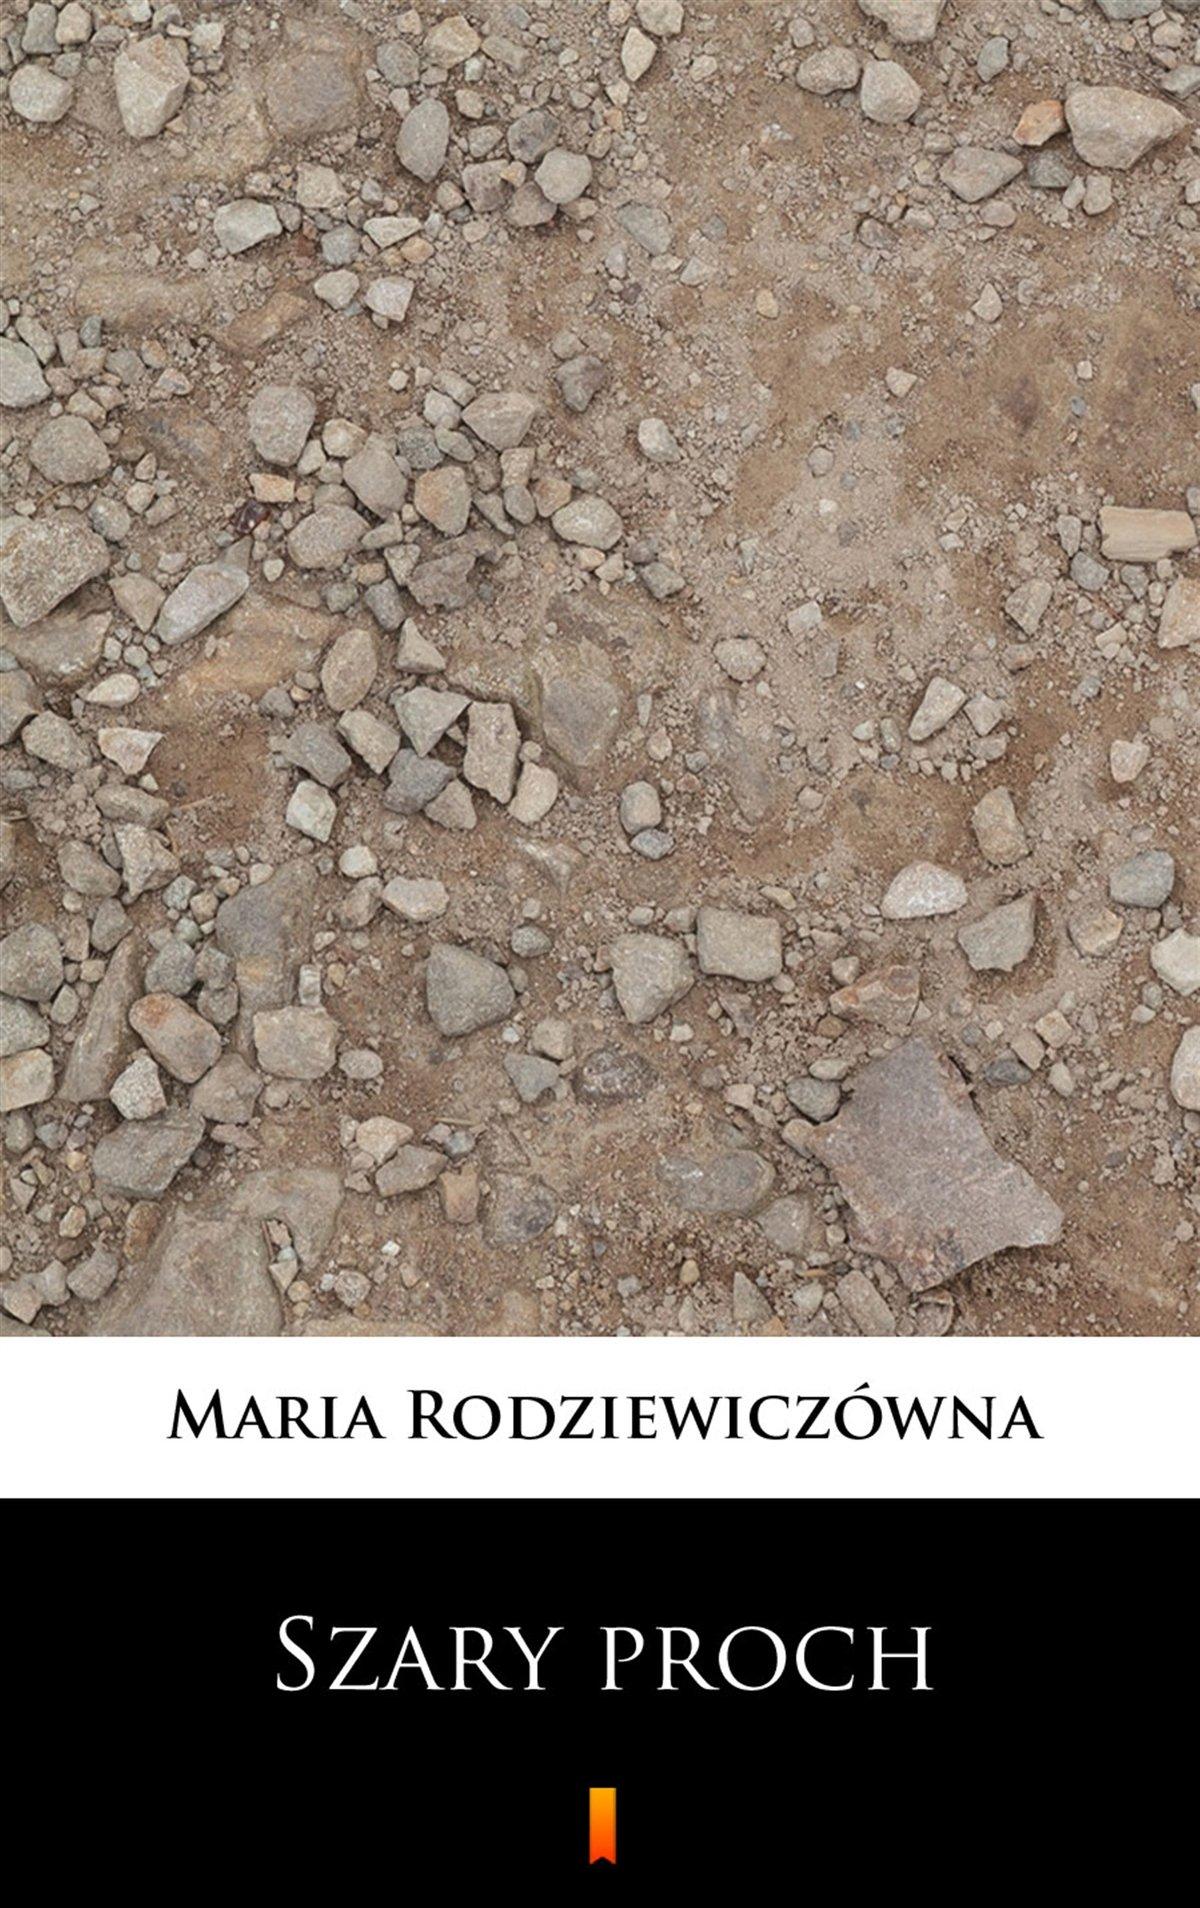 Szary proch - Ebook (Książka EPUB) do pobrania w formacie EPUB